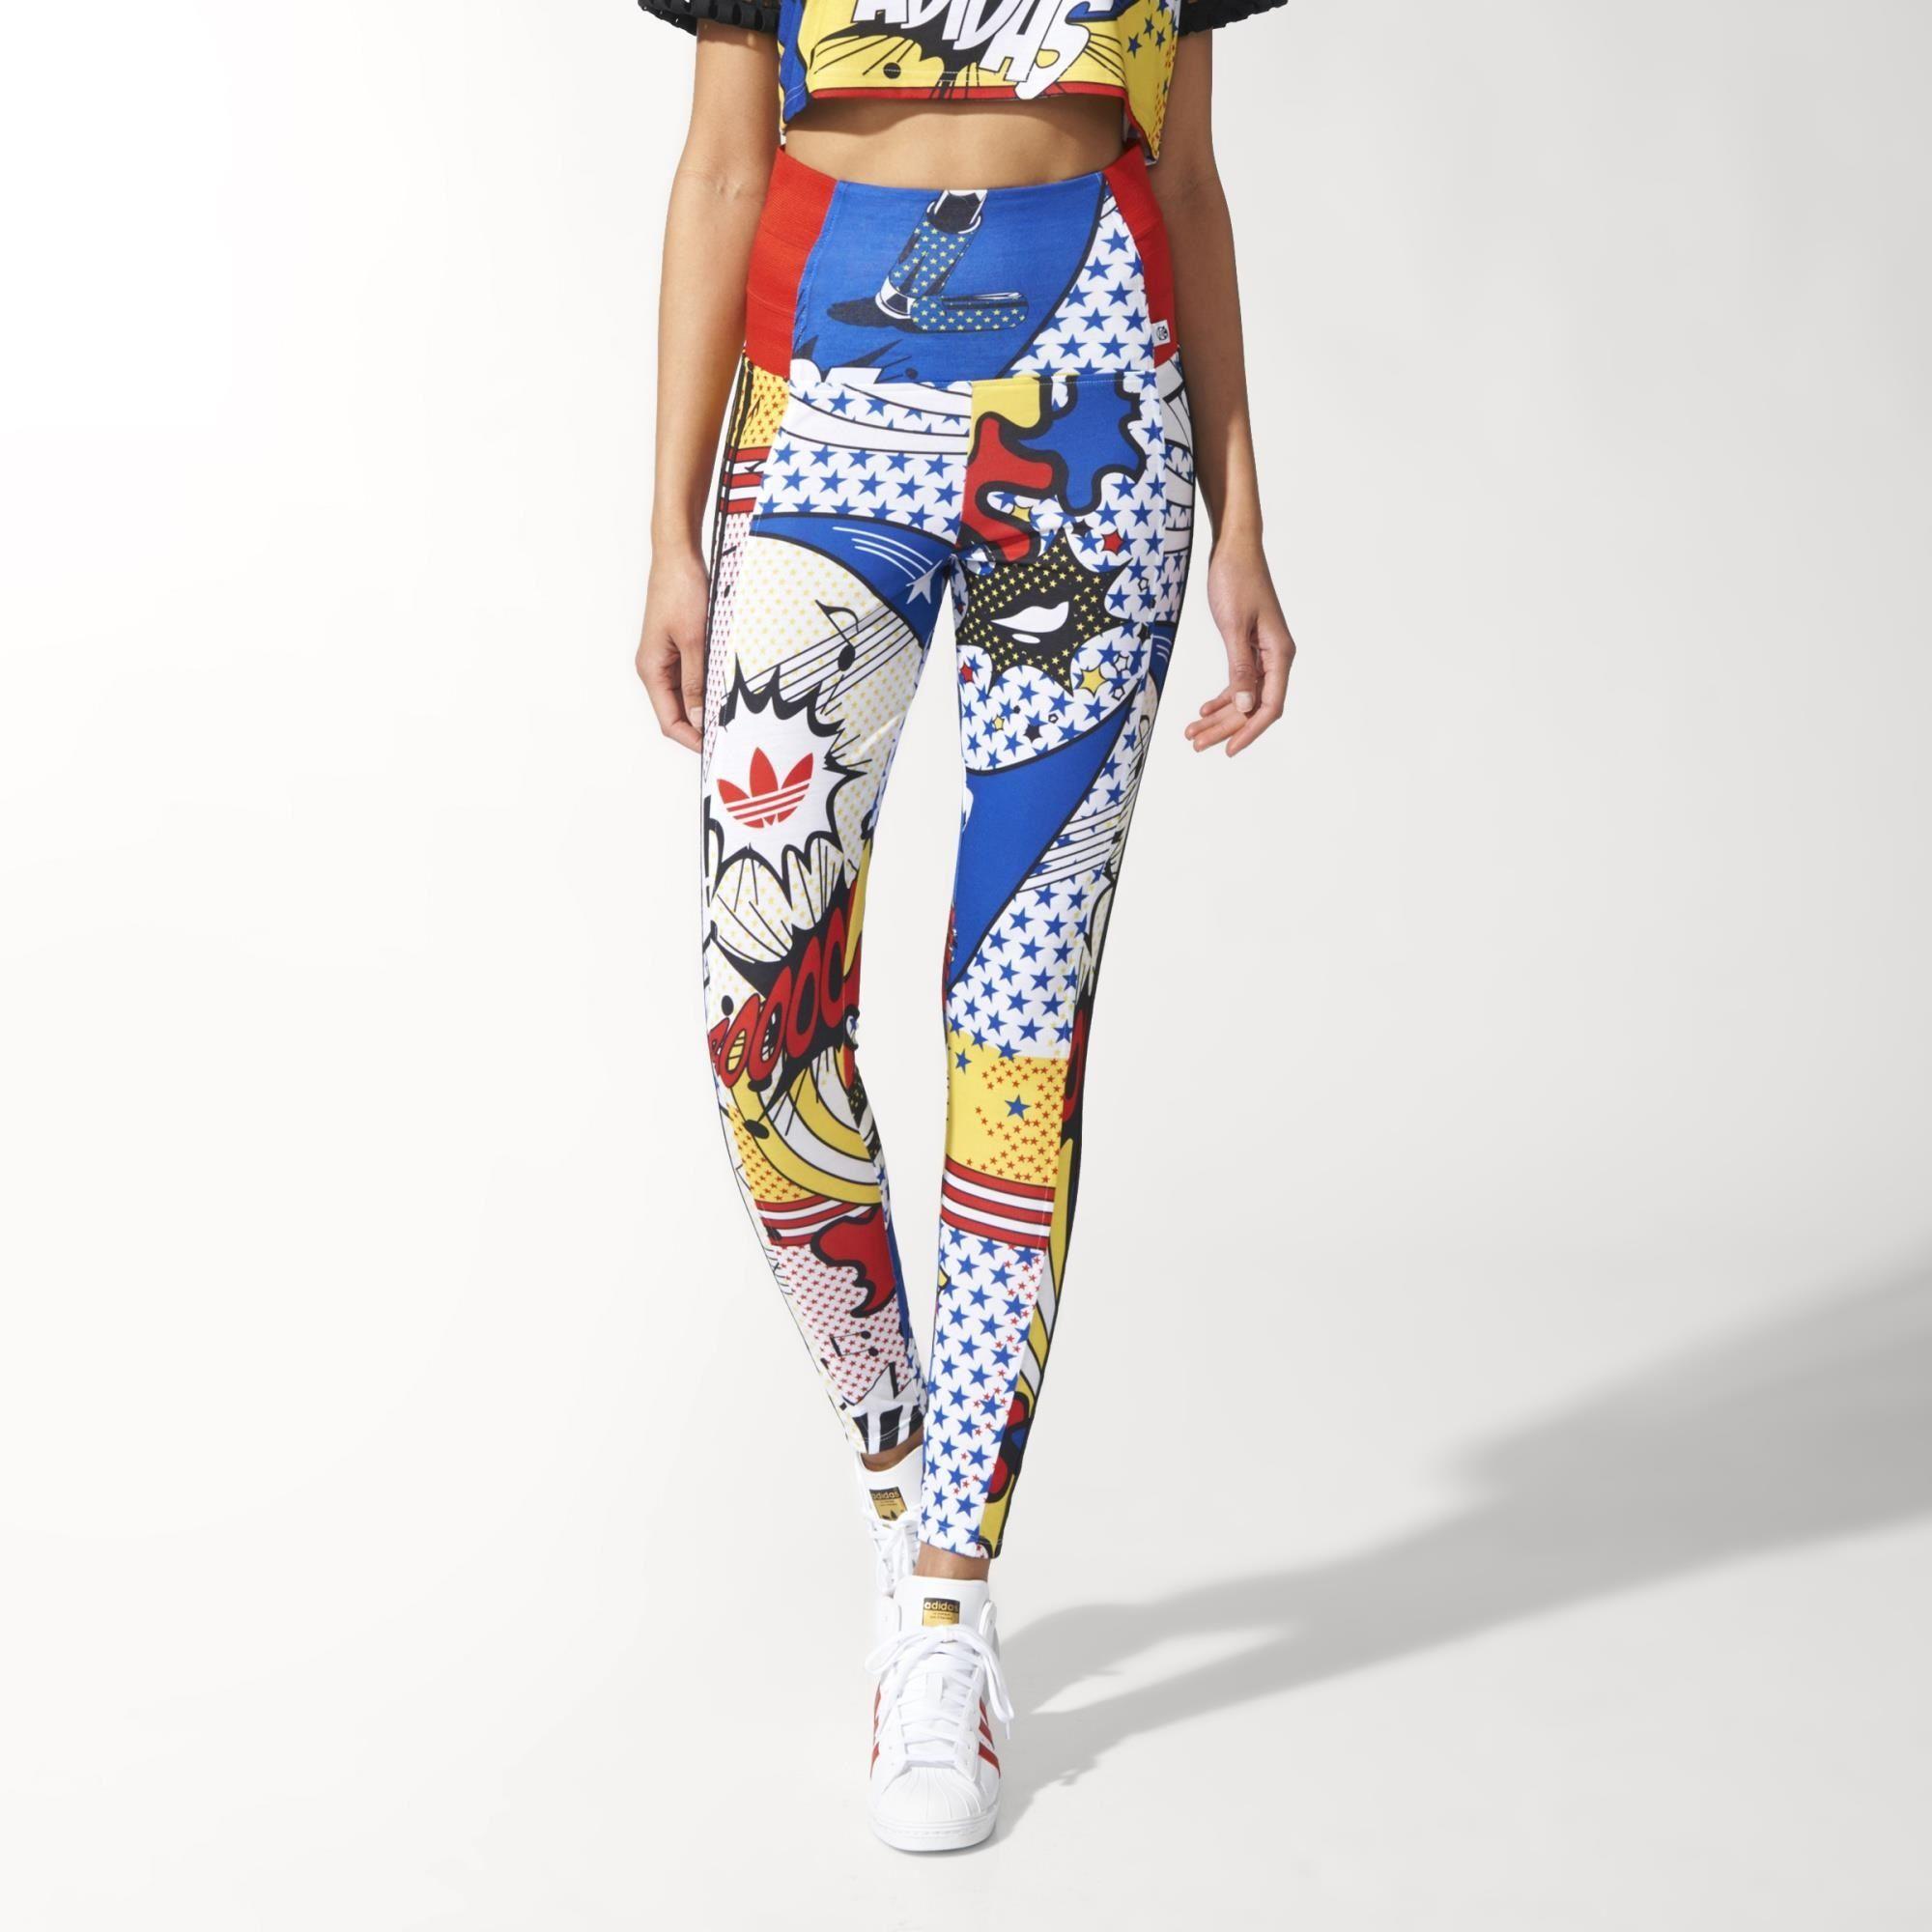 Ora Super High Adidas Originals multicolor Leggins Rita 6qEEX07x